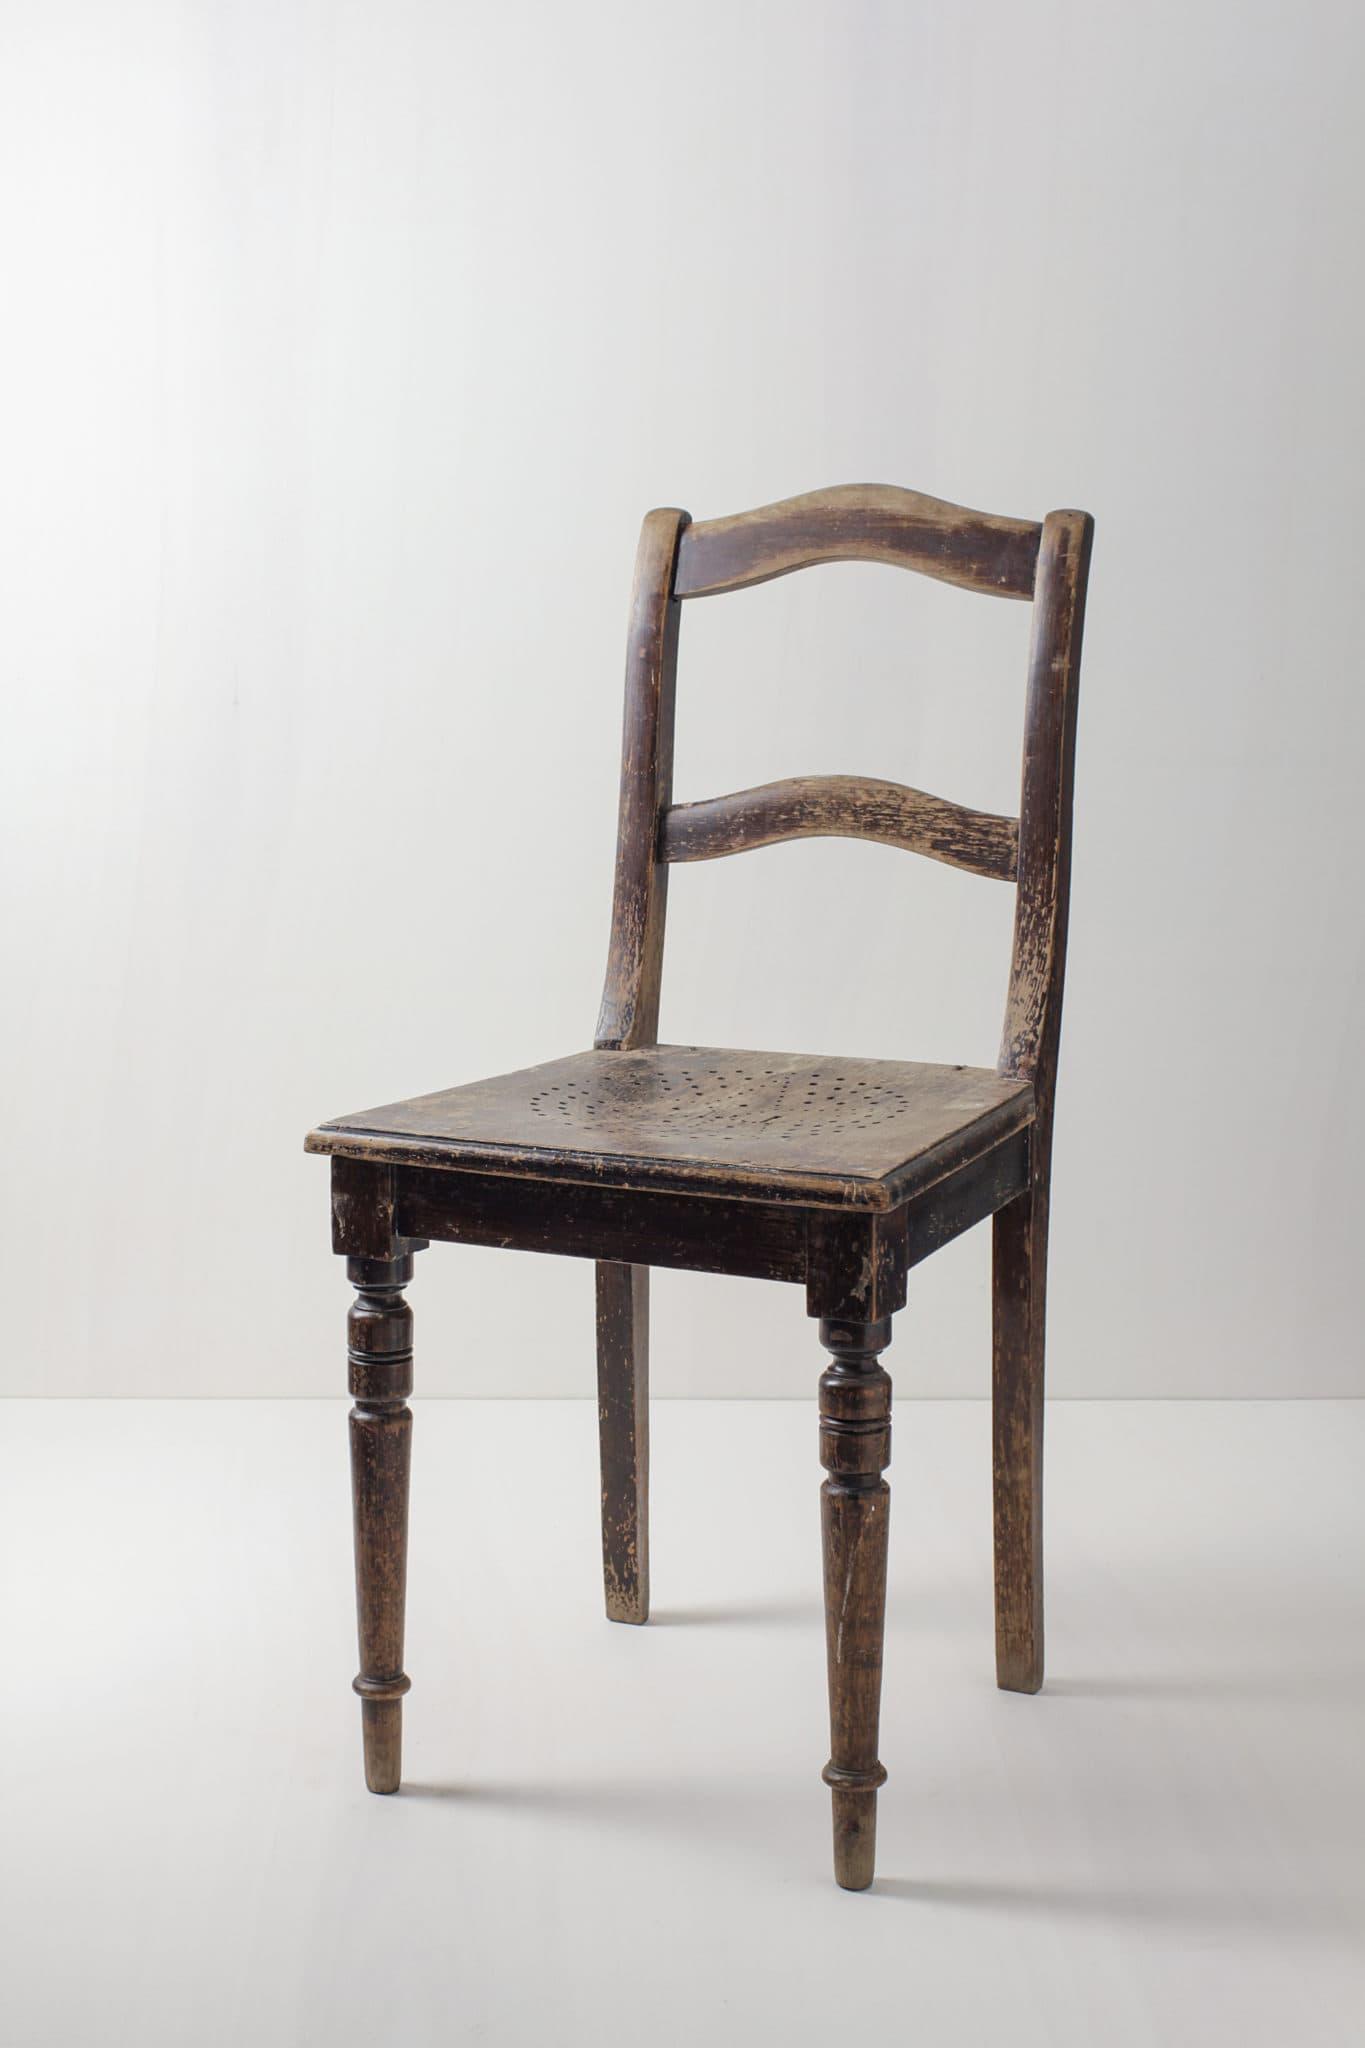 Antike Holzstühle im Biedermeier Stil mieten